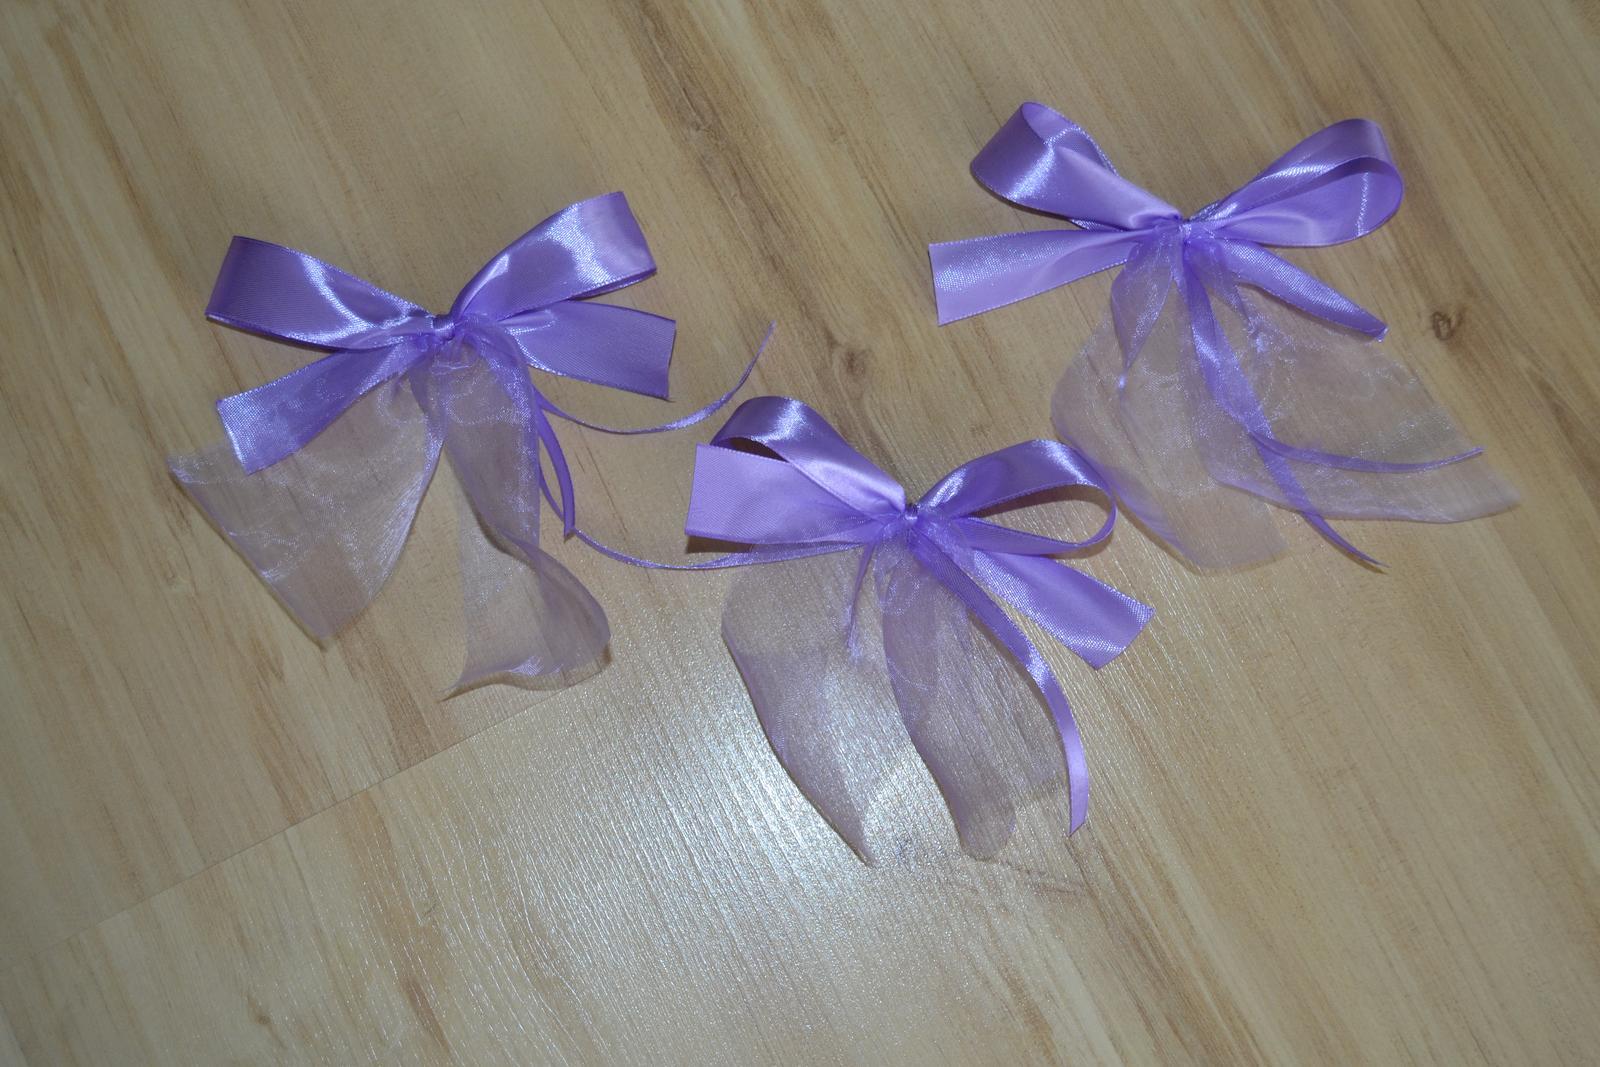 Saténové mašle na svatební výzdobu - lila - Obrázek č. 1